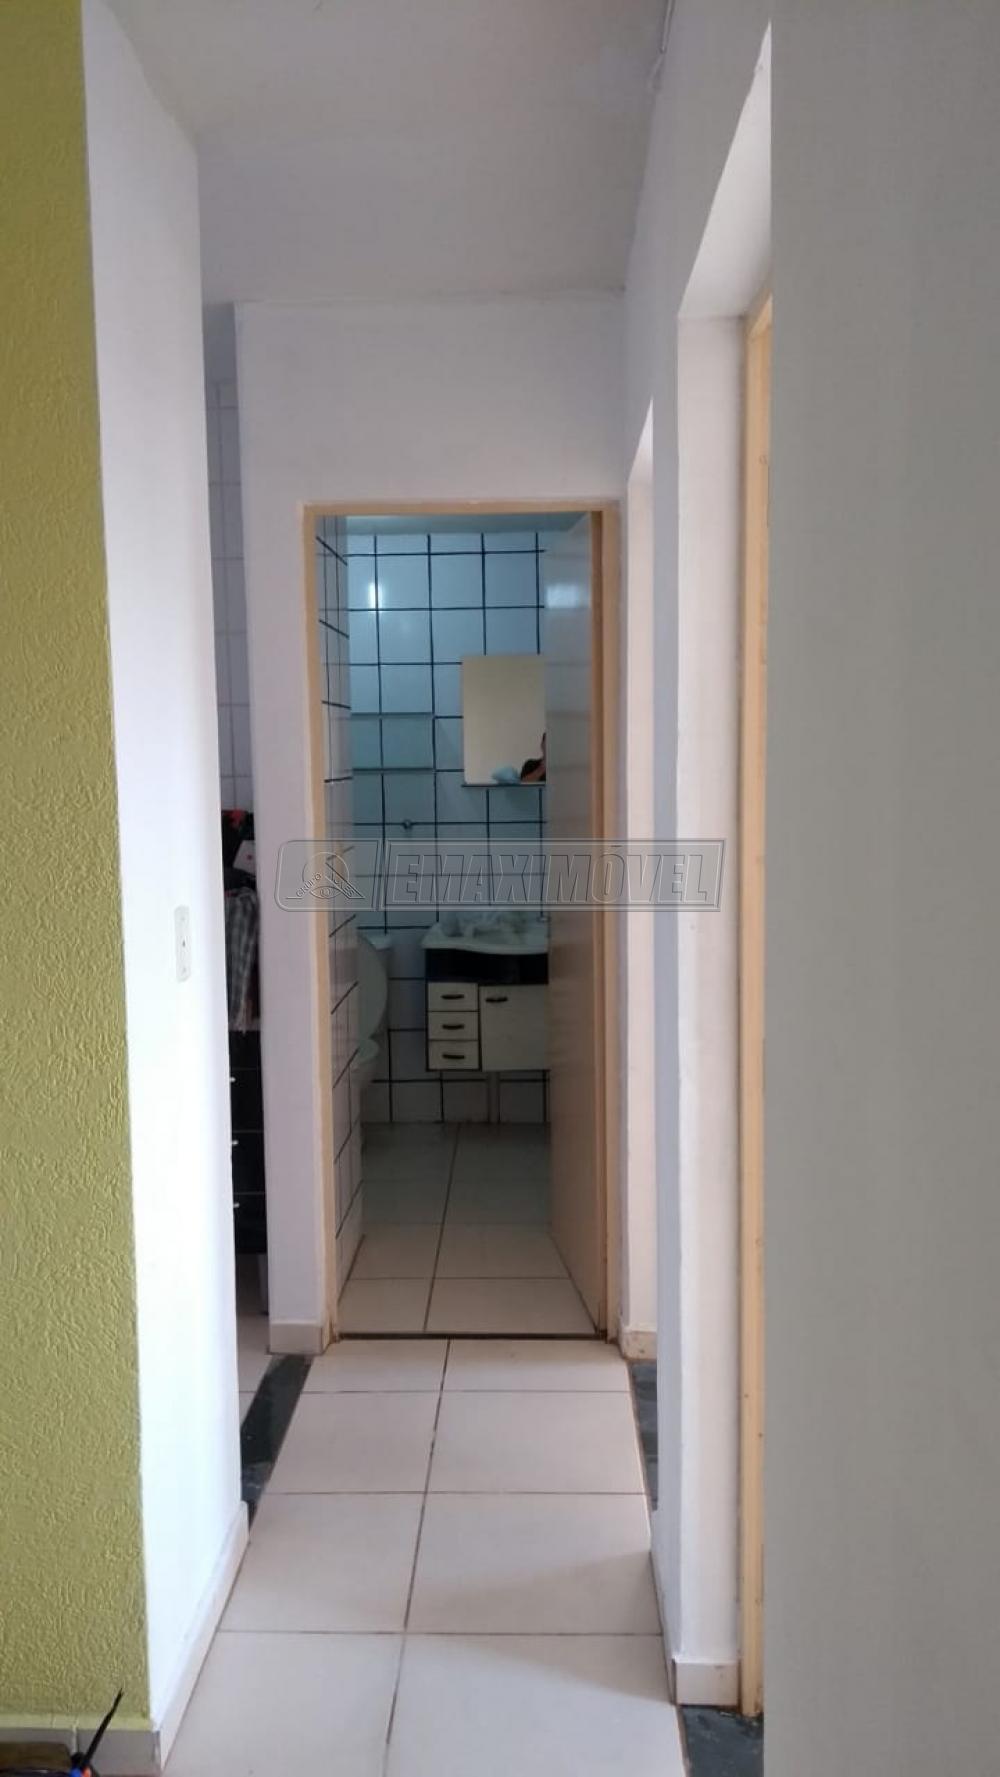 Alugar Apartamentos / Apto Padrão em Sorocaba apenas R$ 700,00 - Foto 7